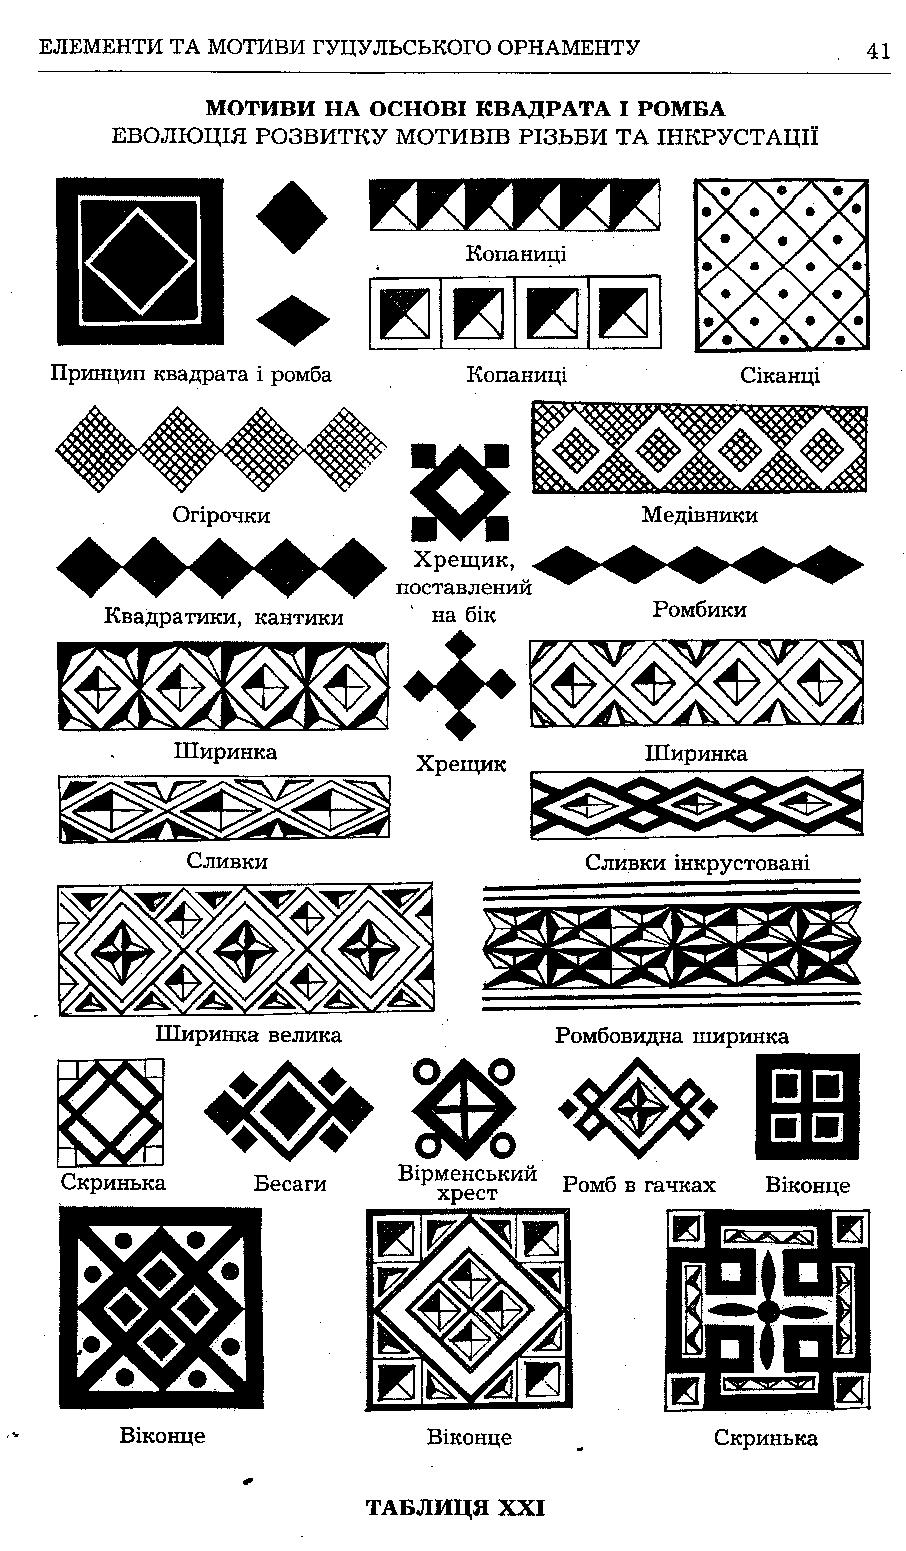 Tablitsya21